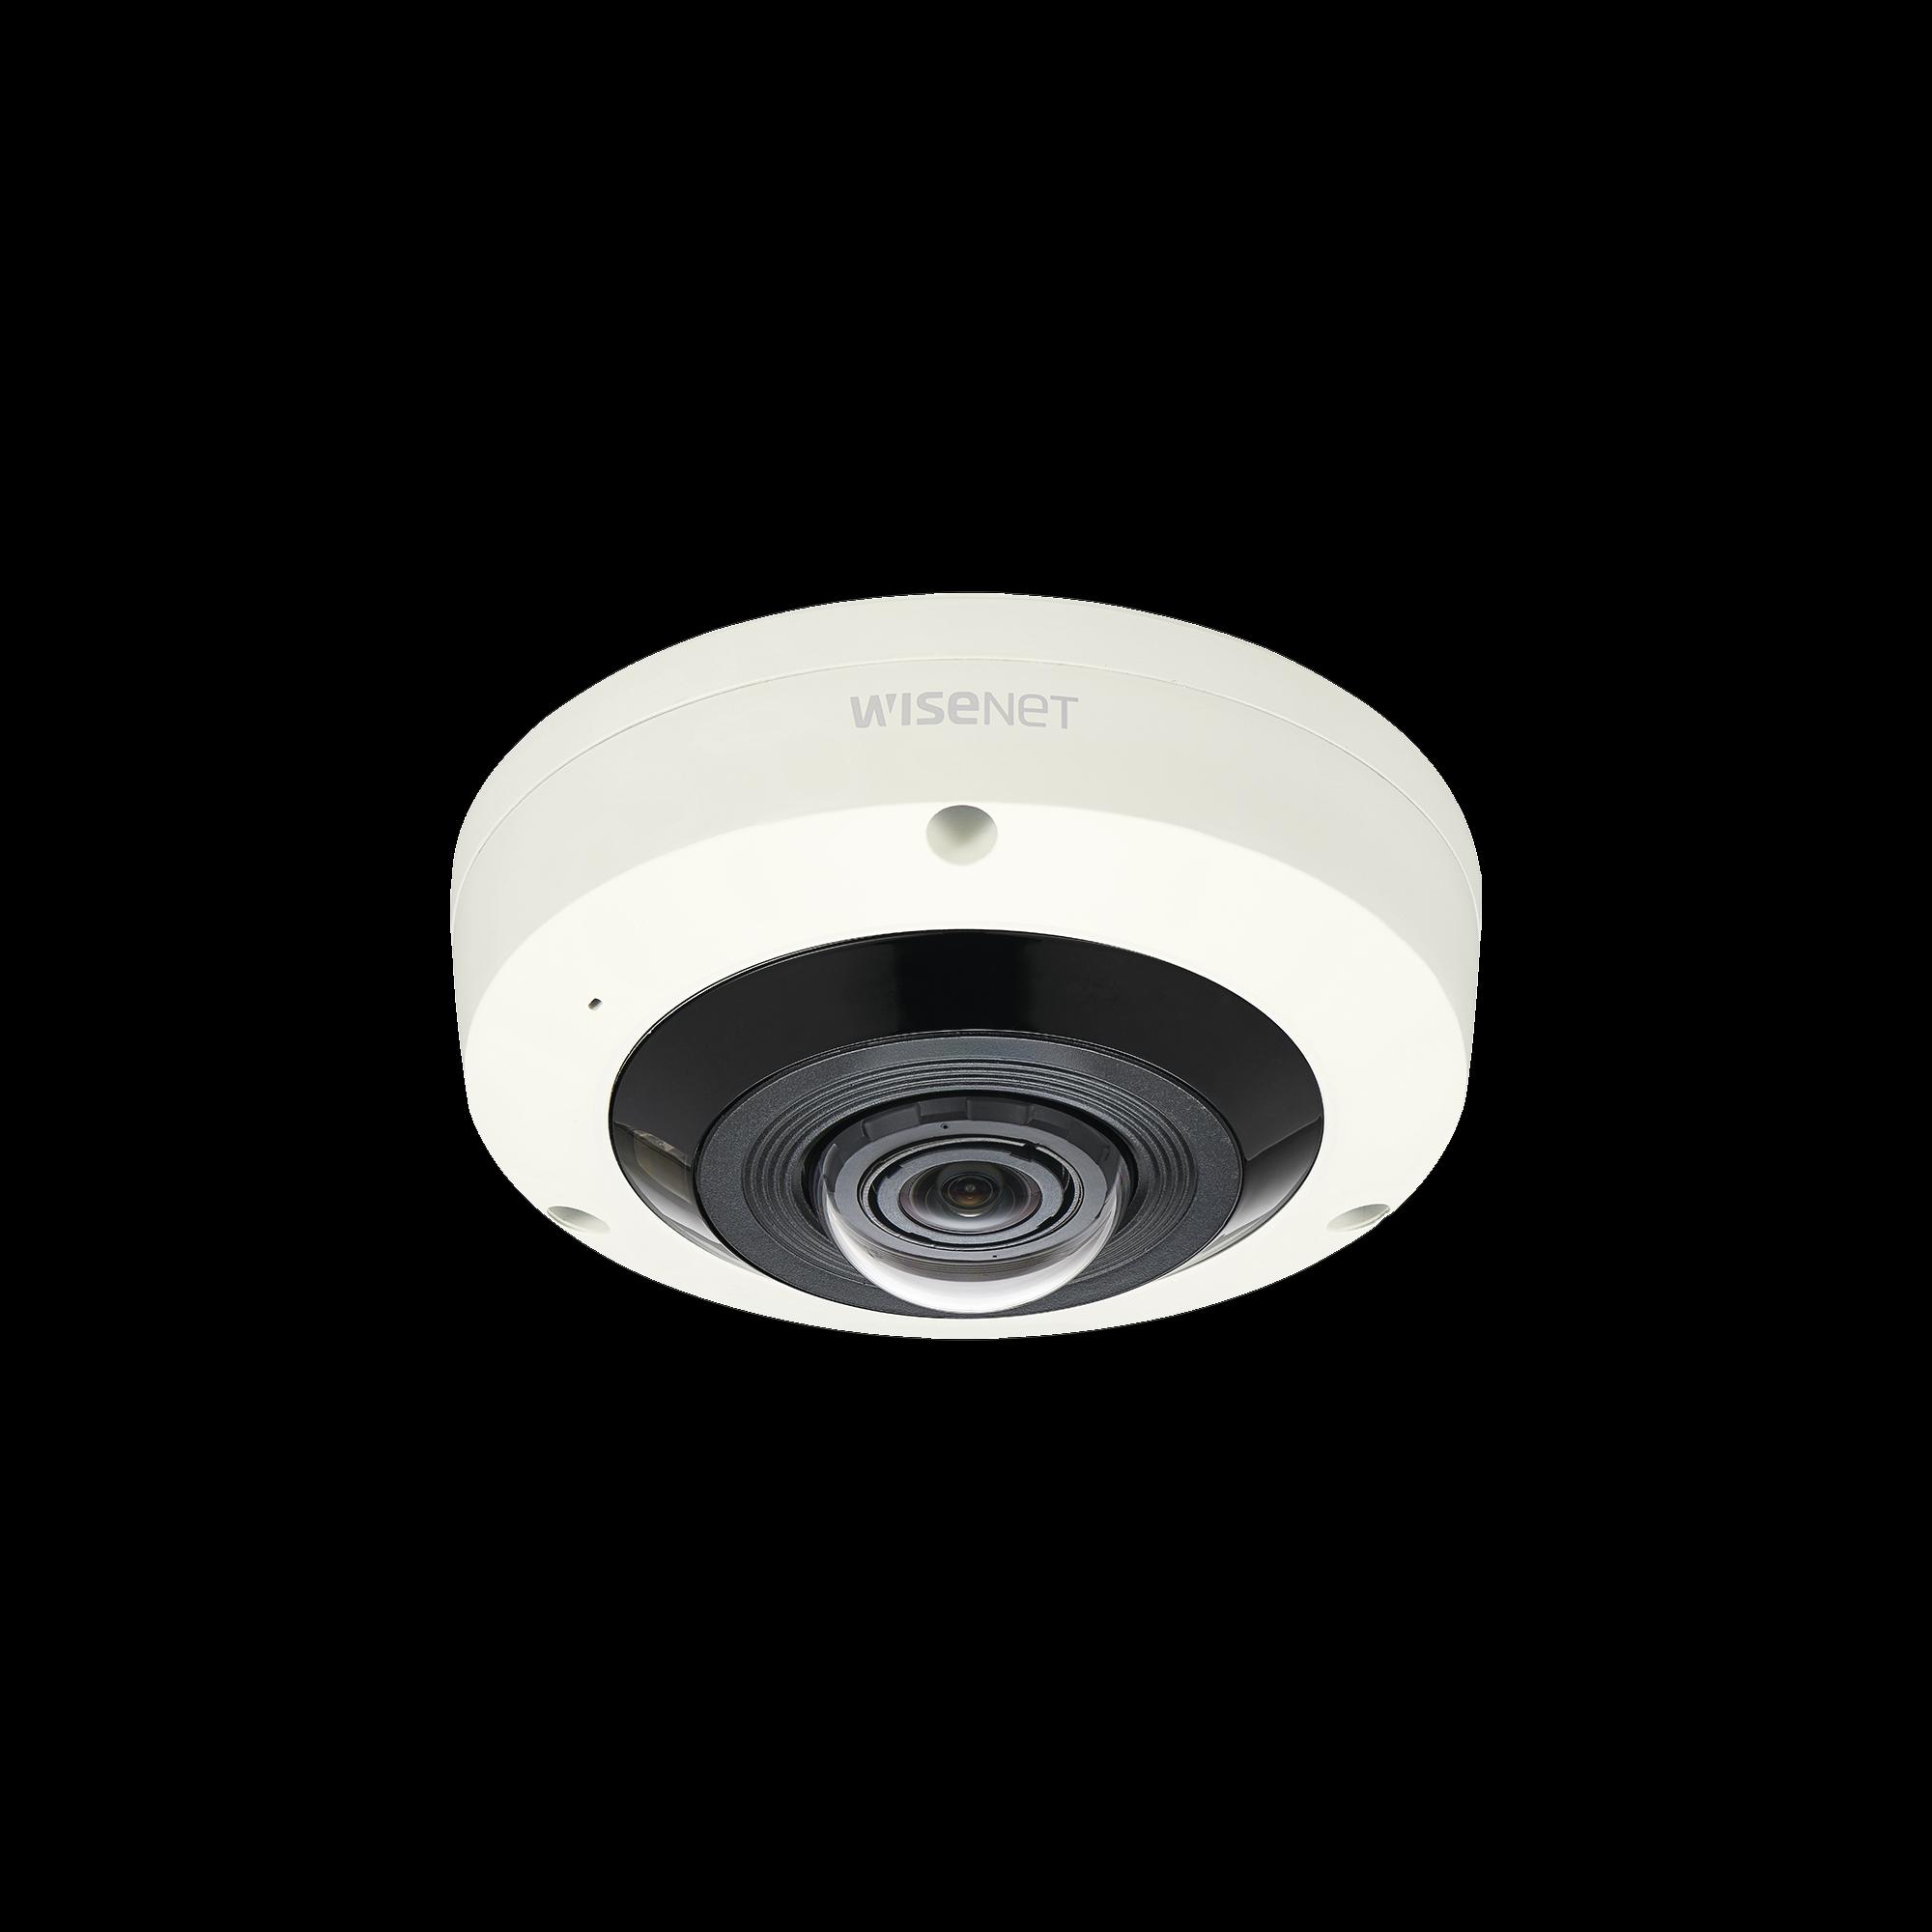 Fisheye 6 Megapixel/ Conector M12 / WDR 120dB / IR 15m / PTZ Digital 8X / Video Analíticos Avanzados / Entrada y Salida de Audio y Alarma